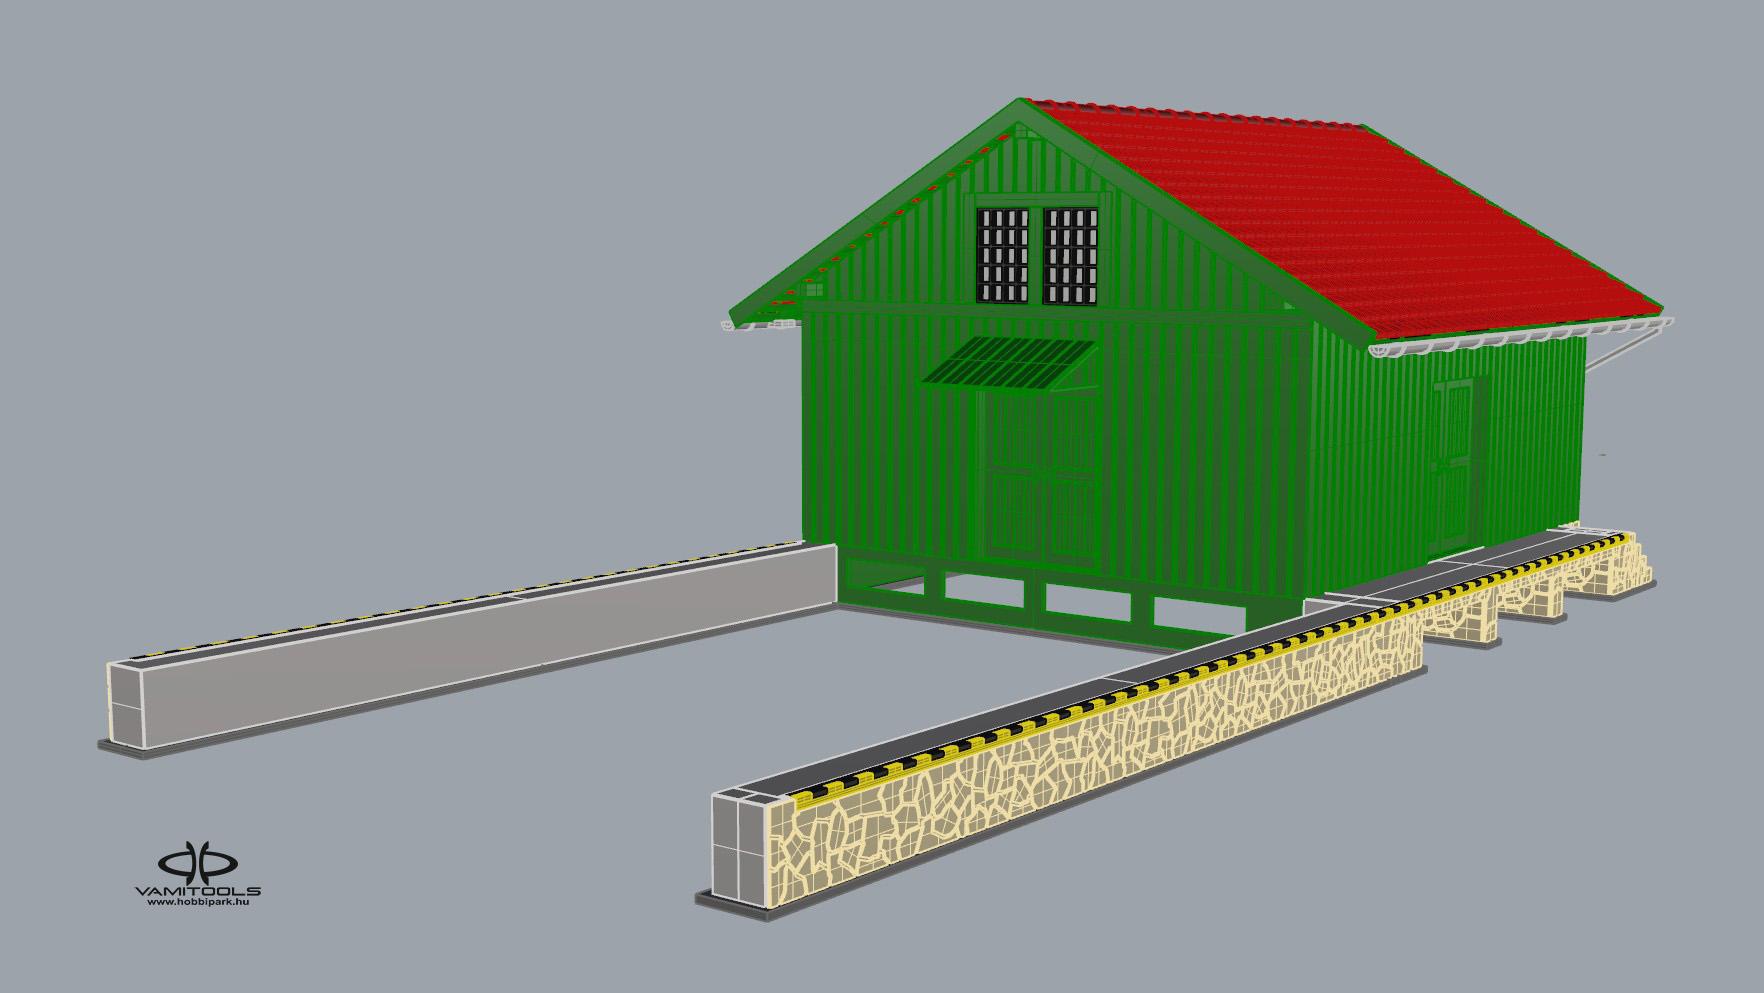 raktár, raktárépület, tároló, vasúti raktárépület, vasúti raktár, vasúti tároló, ház, épület, vasúti ház, vasúti épület, MÁV raktár, MÁV raktárépület, MÁV tároló, MÁV vasúti raktárépület, MÁV vasúti raktár, MÁV vasúti tároló, MÁV ház, MÁV épület, MÁV vasúti ház, MÁV vasúti épület, HÉV raktár, HÉV raktárépület, HÉV tároló, HÉV vasúti raktárépület, HÉV vasúti raktár, HÉV vasúti tároló, HÉV ház, HÉV épület, HÉV vasúti ház, HÉV vasúti épület, terepasztal, dioráma, vasút, H0 raktár, H0 raktárépület, H0 tároló, H0 vasúti raktárépület, H0 vasúti raktár, H0 vasúti tároló, H0 ház, épület, H0 vasúti ház, H0 vasúti épület, H0 MÁV raktár, H0 MÁV raktárépület, H0 MÁV tároló, H0 MÁV vasúti raktárépület, H0 MÁV vasúti raktár, H0 MÁV vasúti tároló, H0 MÁV ház, H0 MÁV épület, H0 MÁV vasúti ház, H0 MÁV vasúti épület, H0 HÉV raktár, H0 HÉV raktárépület, H0 HÉV tároló, H0 HÉV vasúti raktárépület, H0 HÉV vasúti raktár, H0 HÉV vasúti tároló, H0 HÉV ház, H0 HÉV épület, H0 HÉV vasúti ház, H0 HÉV vasúti épület, H0 terepasztal, H0 dioráma, H0 vasút, 1:87 raktár, 1:87 raktárépület, 1:87 tároló, 1:87 vasúti raktárépület, 1:87 vasúti raktár, 1:87 vasúti tároló, 1:87 ház, épület, 1:87 vasúti ház, 1:87 vasúti épület, 1:87 MÁV raktár, 1:87 MÁV raktárépület, 1:87 MÁV tároló, 1:87 MÁV vasúti raktárépület, 1:87 MÁV vasúti raktár, 1:87 MÁV vasúti tároló, 1:87 MÁV ház, 1:87 MÁV épület, 1:87 MÁV vasúti ház, 1:87 MÁV vasúti épület, 1:87 HÉV raktár, 1:87 HÉV raktárépület, 1:87 HÉV tároló, 1:87 HÉV vasúti raktárépület, 1:87 HÉV vasúti raktár, 1:87 HÉV vasúti tároló, 1:87 HÉV ház, 1:87 HÉV épület, 1:87 HÉV vasúti ház, 1:87 HÉV vasúti épület, 1:87 terepasztal, 1:87 dioráma, 1:87 vasút, TT raktár, TT raktárépület, TT tároló, TT vasúti raktárépület, TT vasúti raktár, TT vasúti tároló, TT ház, épület, TT vasúti ház, TT vasúti épület, TT MÁV raktár, TT MÁV raktárépület, TT MÁV tároló, TT MÁV vasúti raktárépület, TT MÁV vasúti raktár, TT MÁV vasúti tároló, TT MÁV ház, TT MÁV épület, TT MÁV vasúti ház, TT MÁV vasú